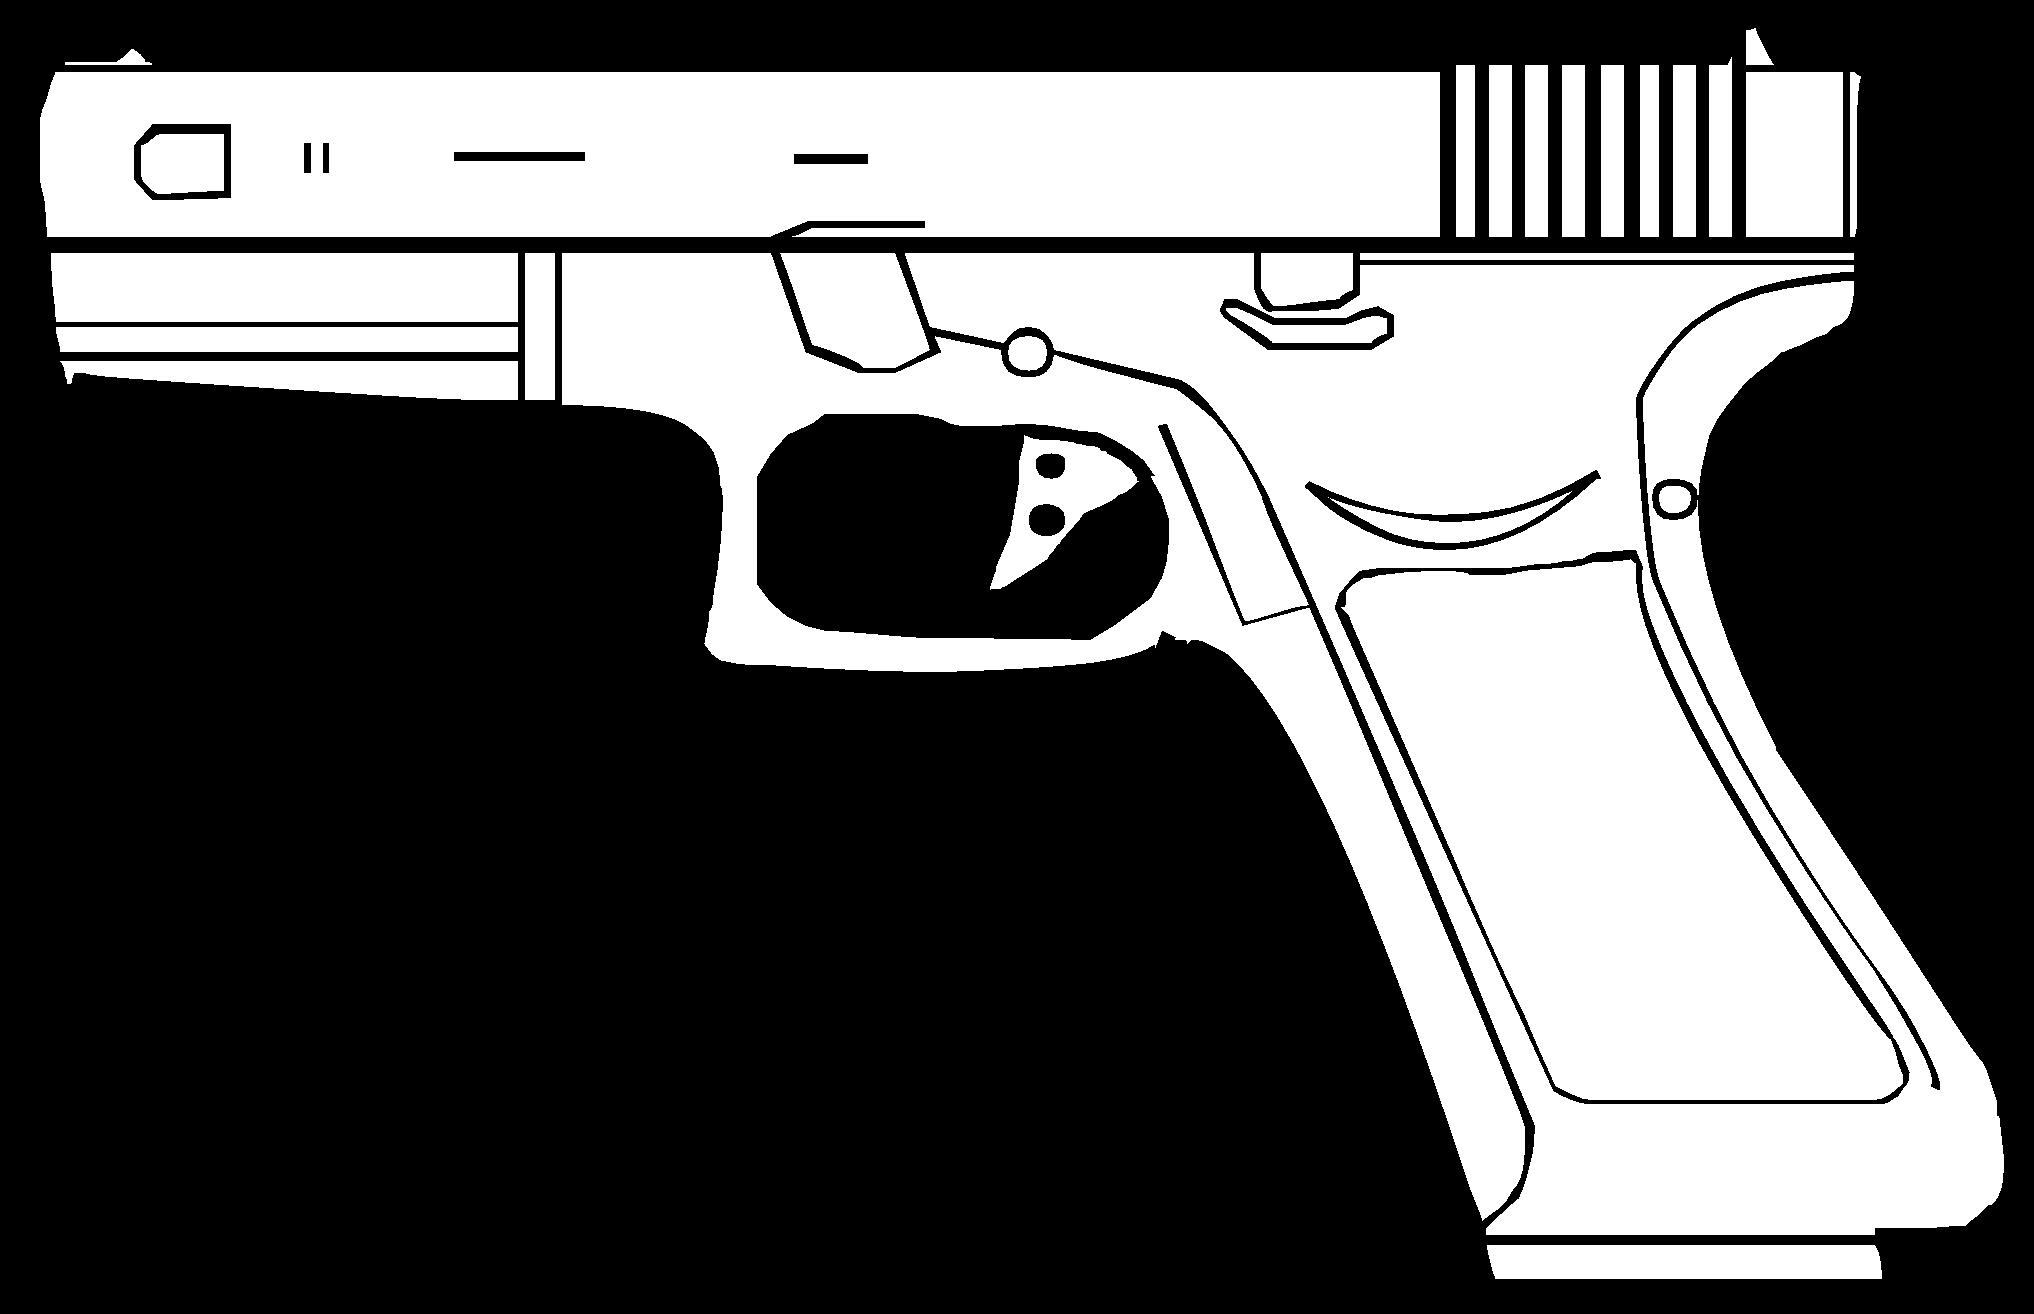 File glock svg wikimedia. Clipart gun vector